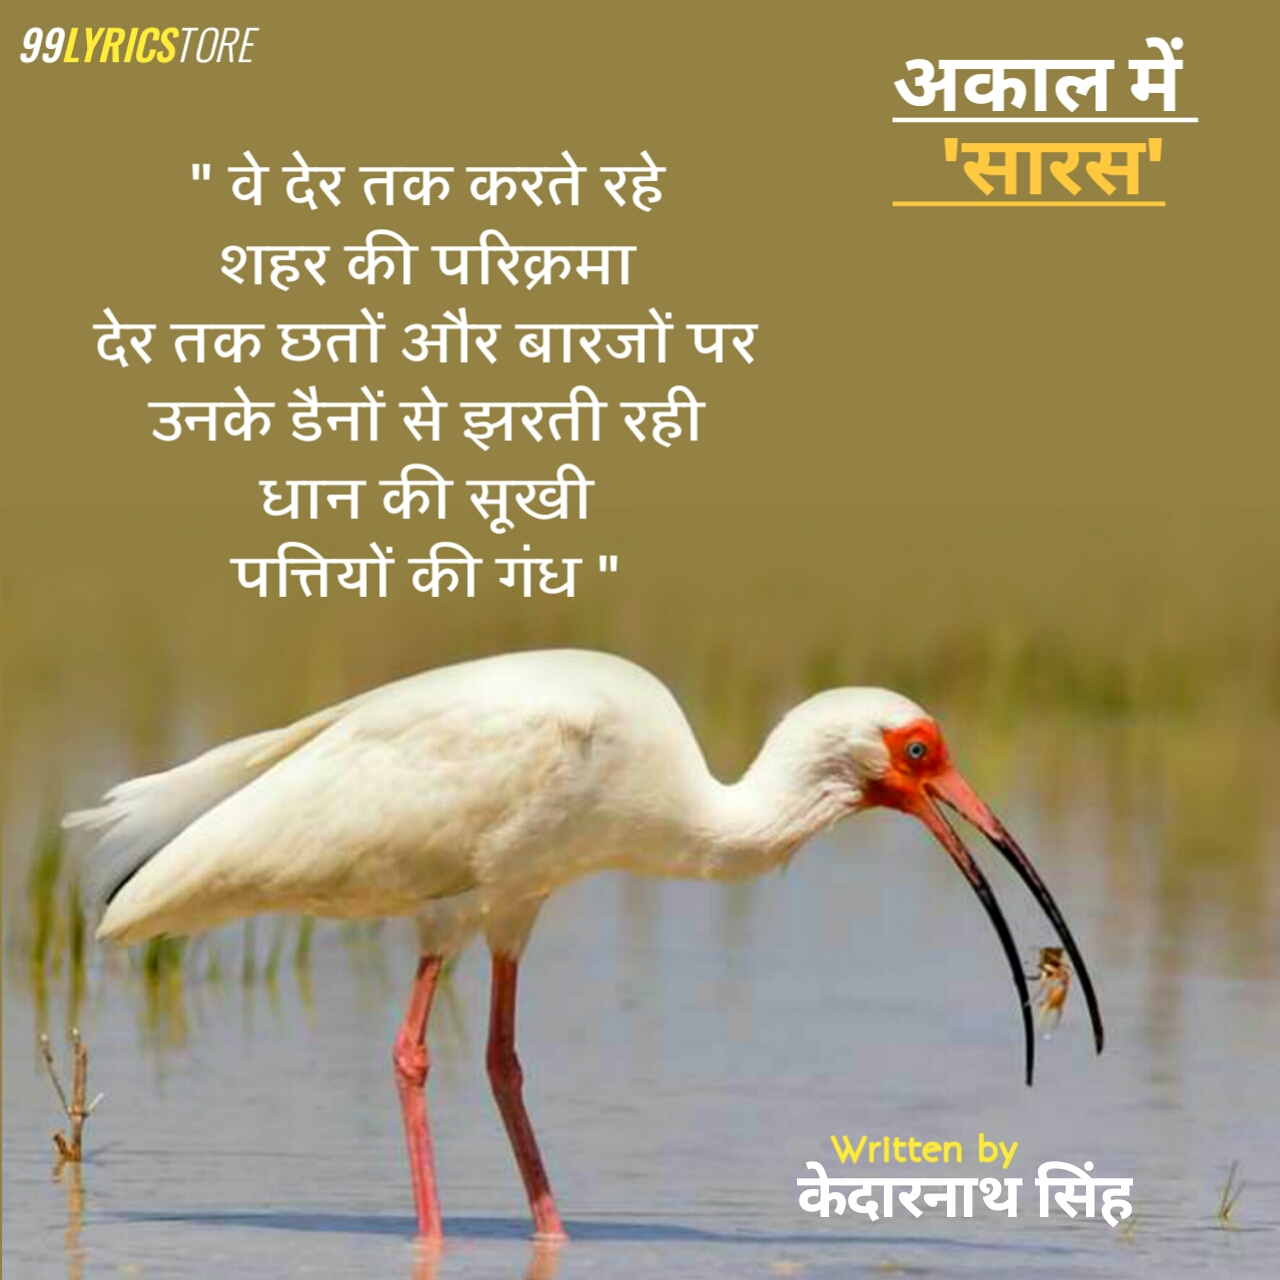 'अकाल में सारस' कविता केदारनाथ जी द्वारा लिखी गई है। इस कविता में कैसे धीरे धीरे-धीरे सारस कहीं खो गये कैसे सारस का  अकाल पड़ गया  इसका जिक्र इस कविता में केदारनाथ जी ने किया है।